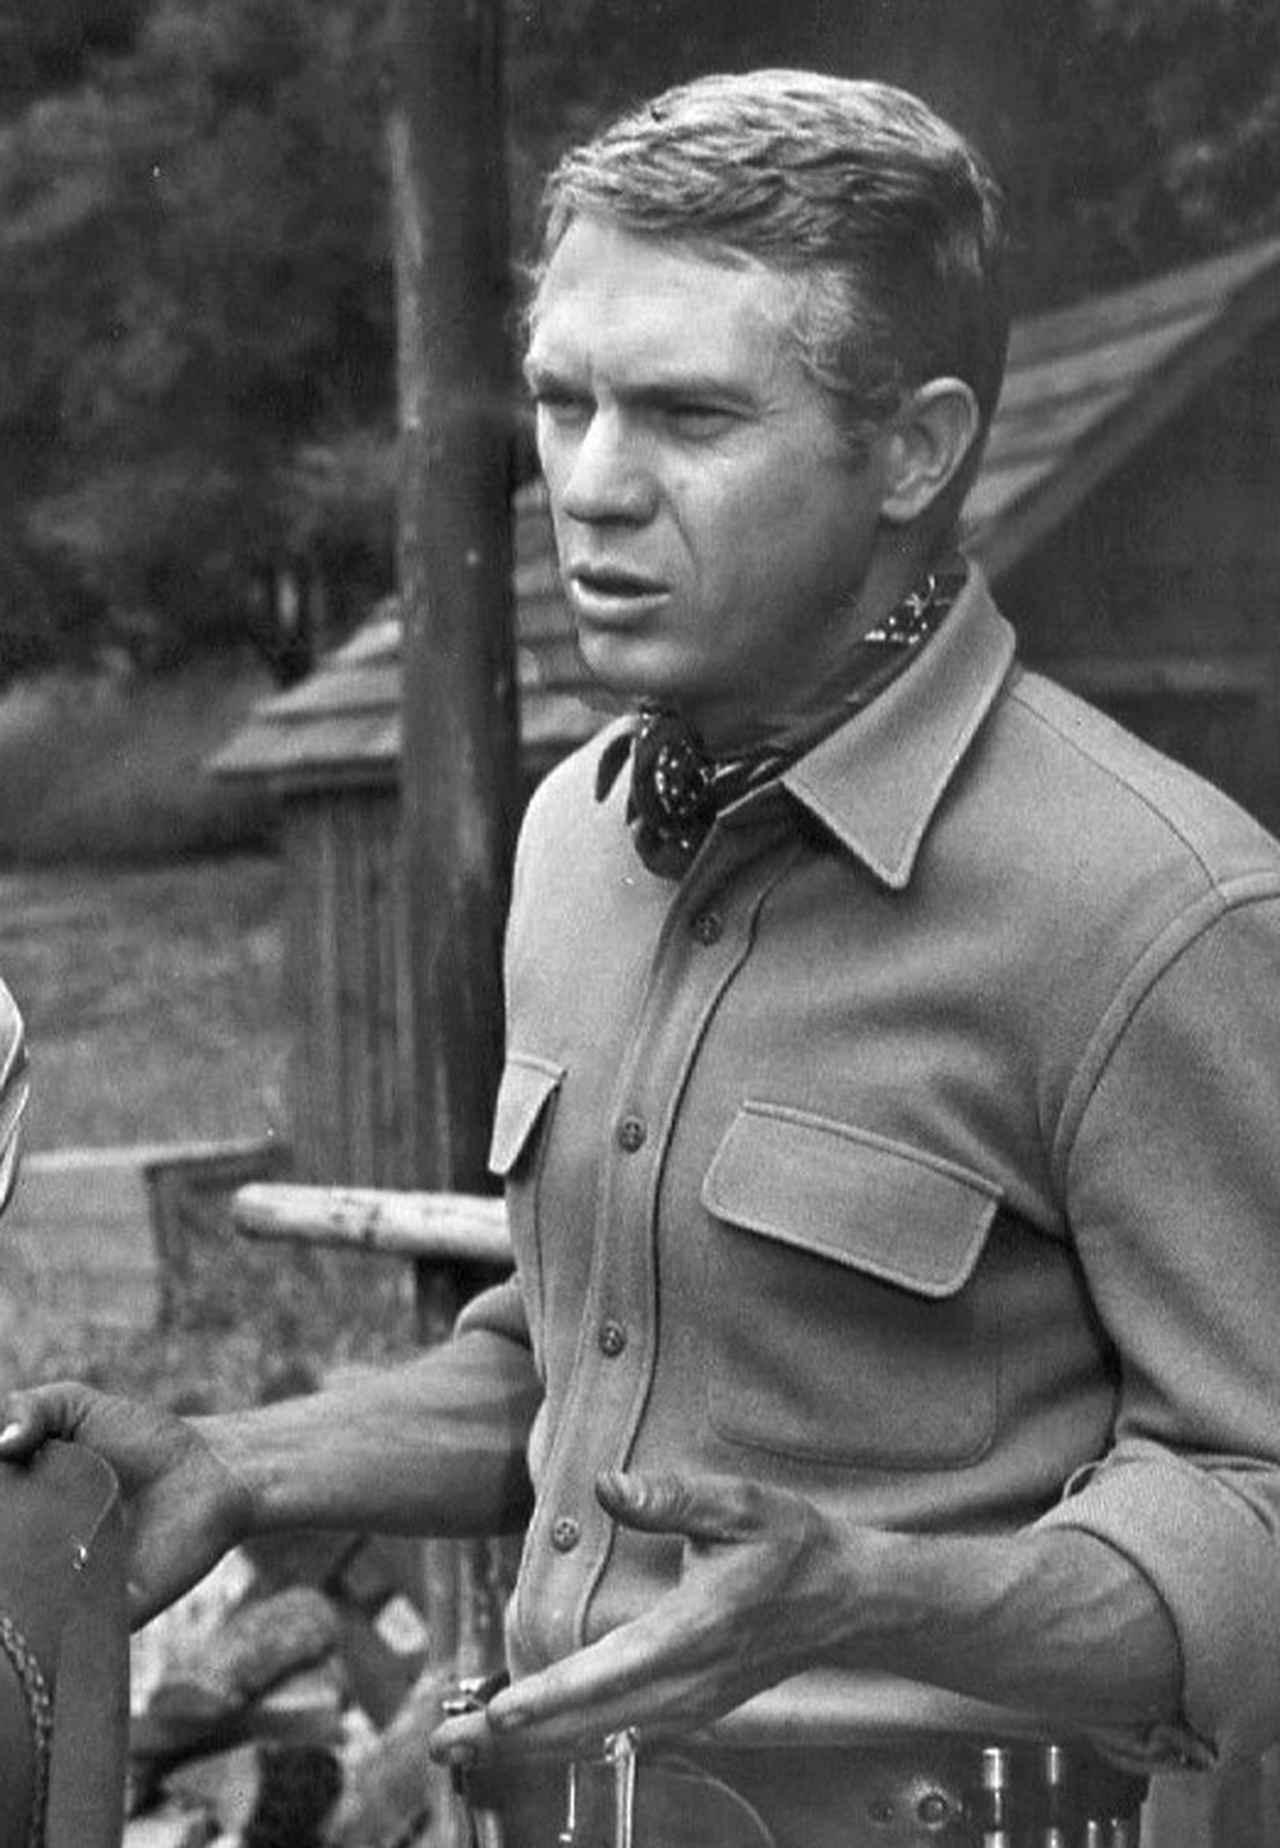 画像: 1959年、「拳銃無宿」でのS.マックイーン。彼は熱烈なモーターサイクル&カーガイとしても有名でした。 en.wikipedia.org